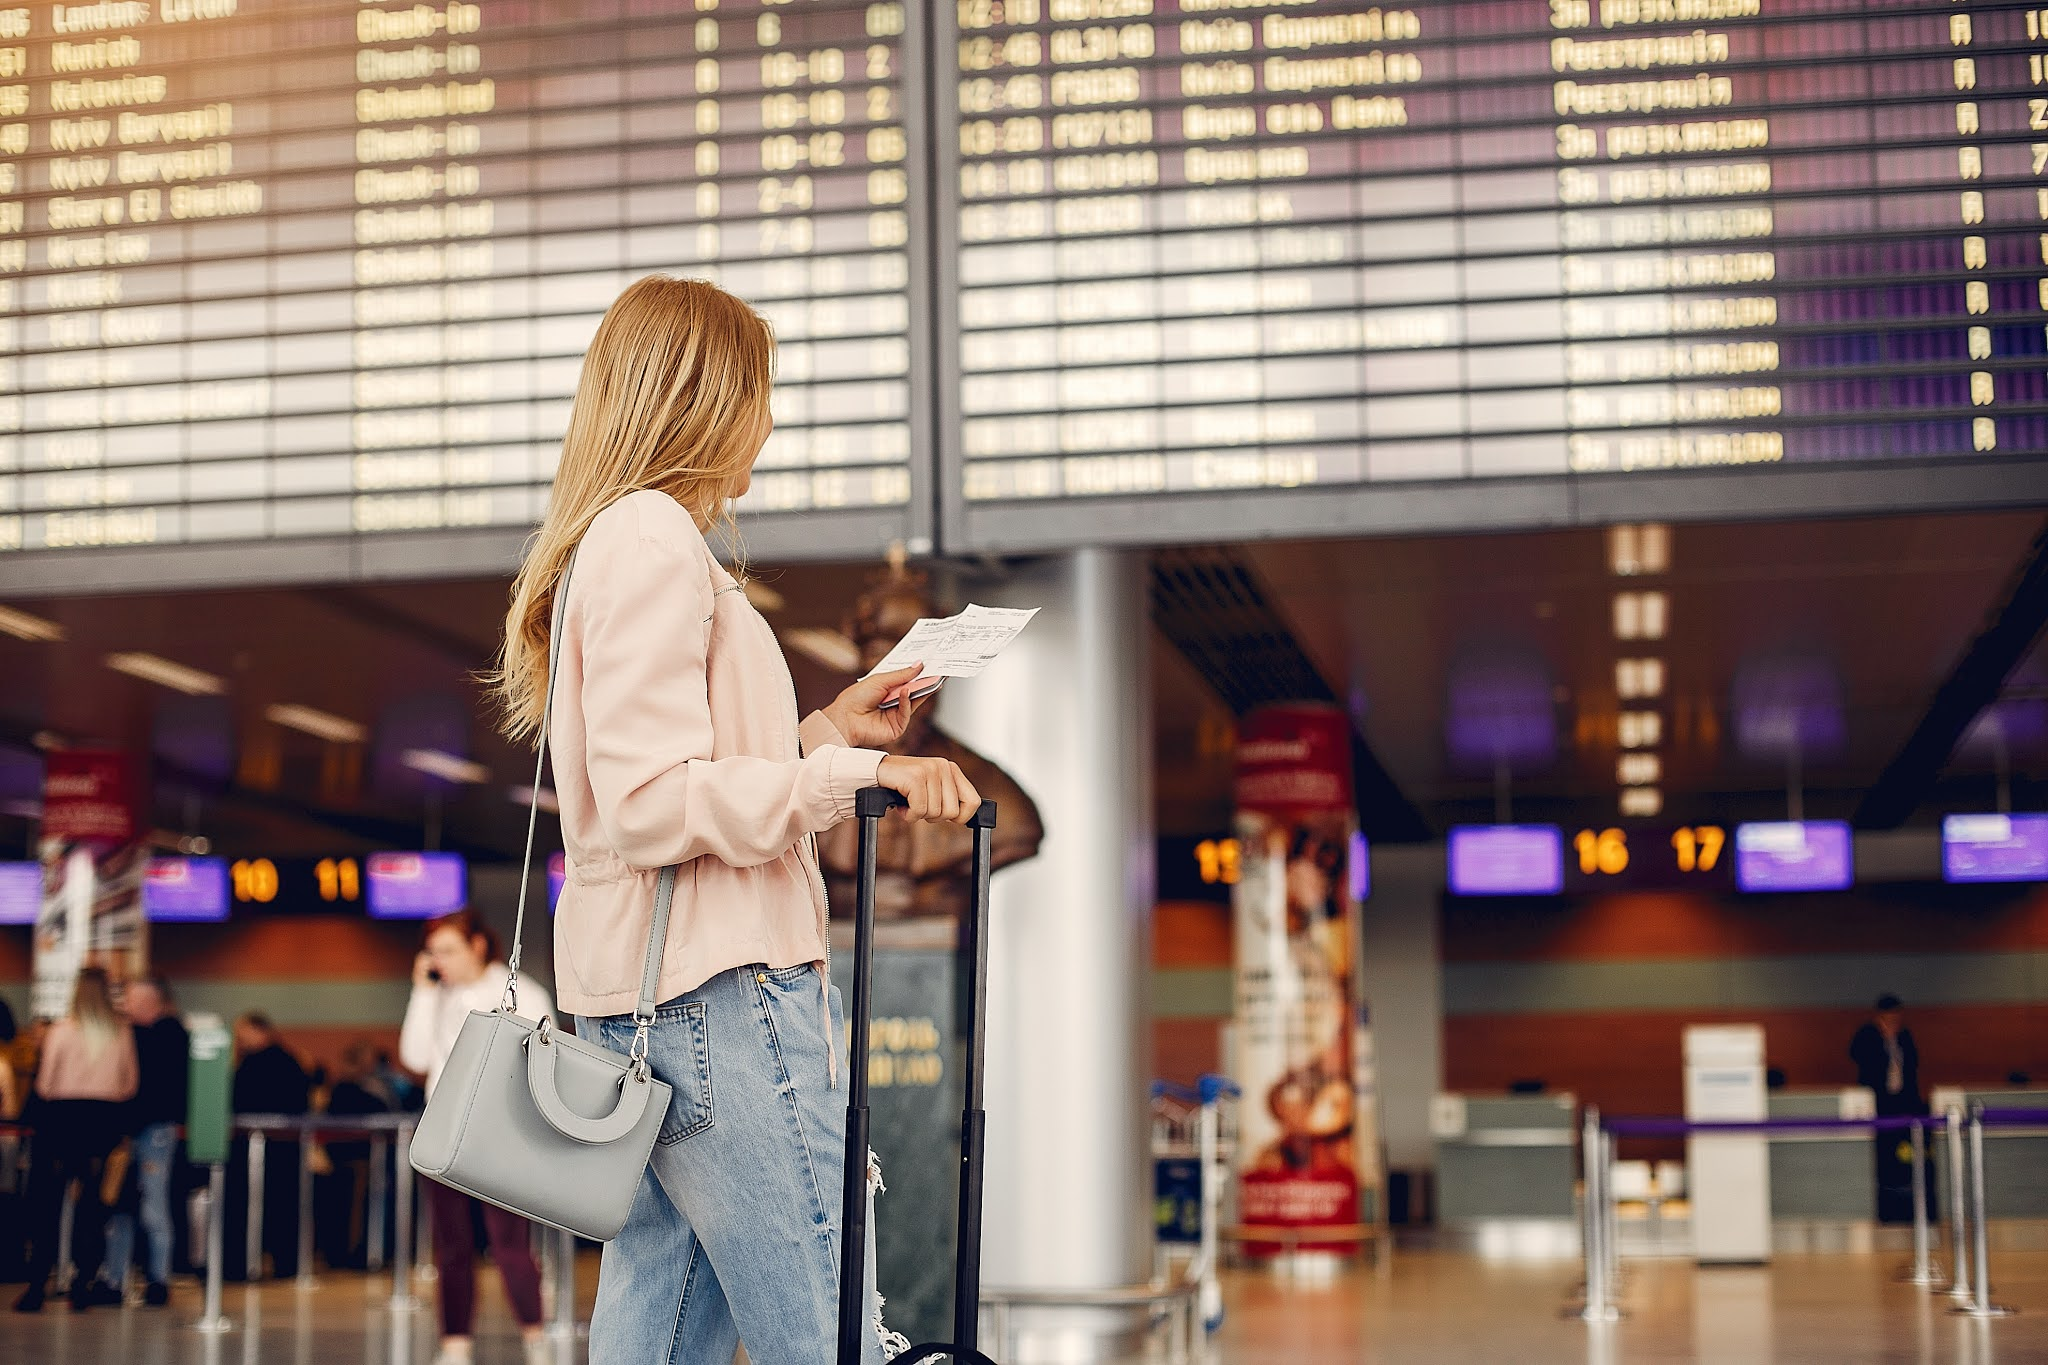 Waspada, Ini yang Boleh dan Tak Boleh Dilakukan Saat Traveling ke Luar Negeri